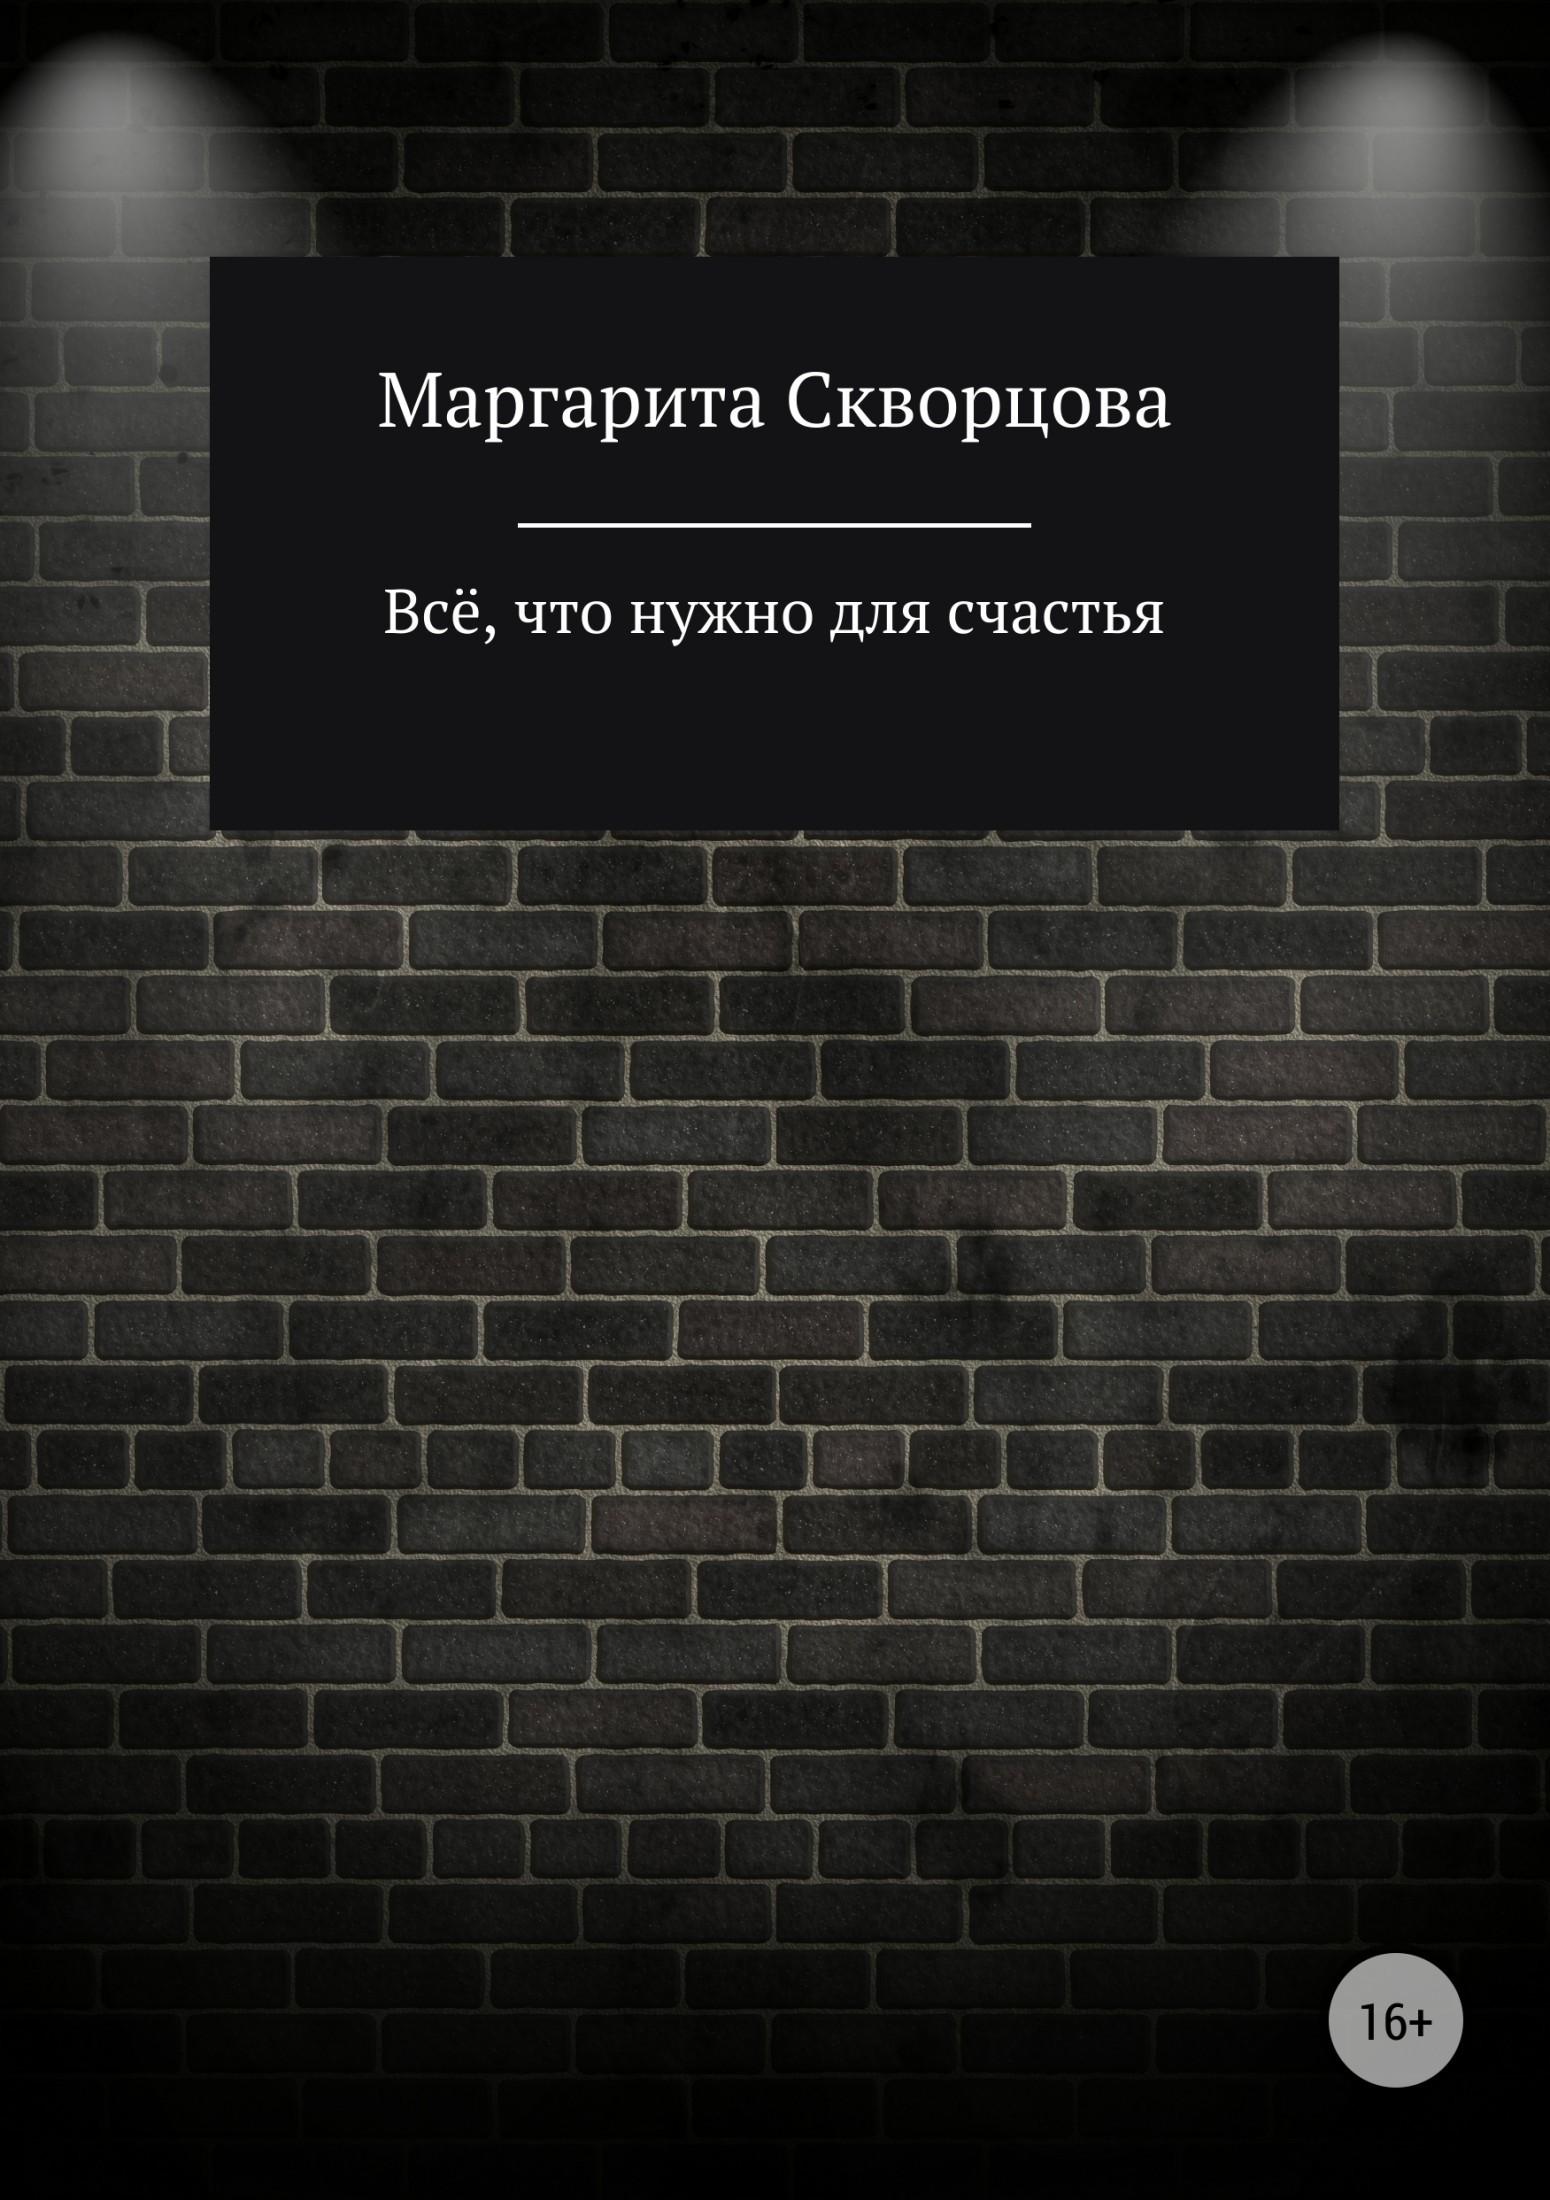 Маргарита Скворцова - Всё, что нужно для счастья